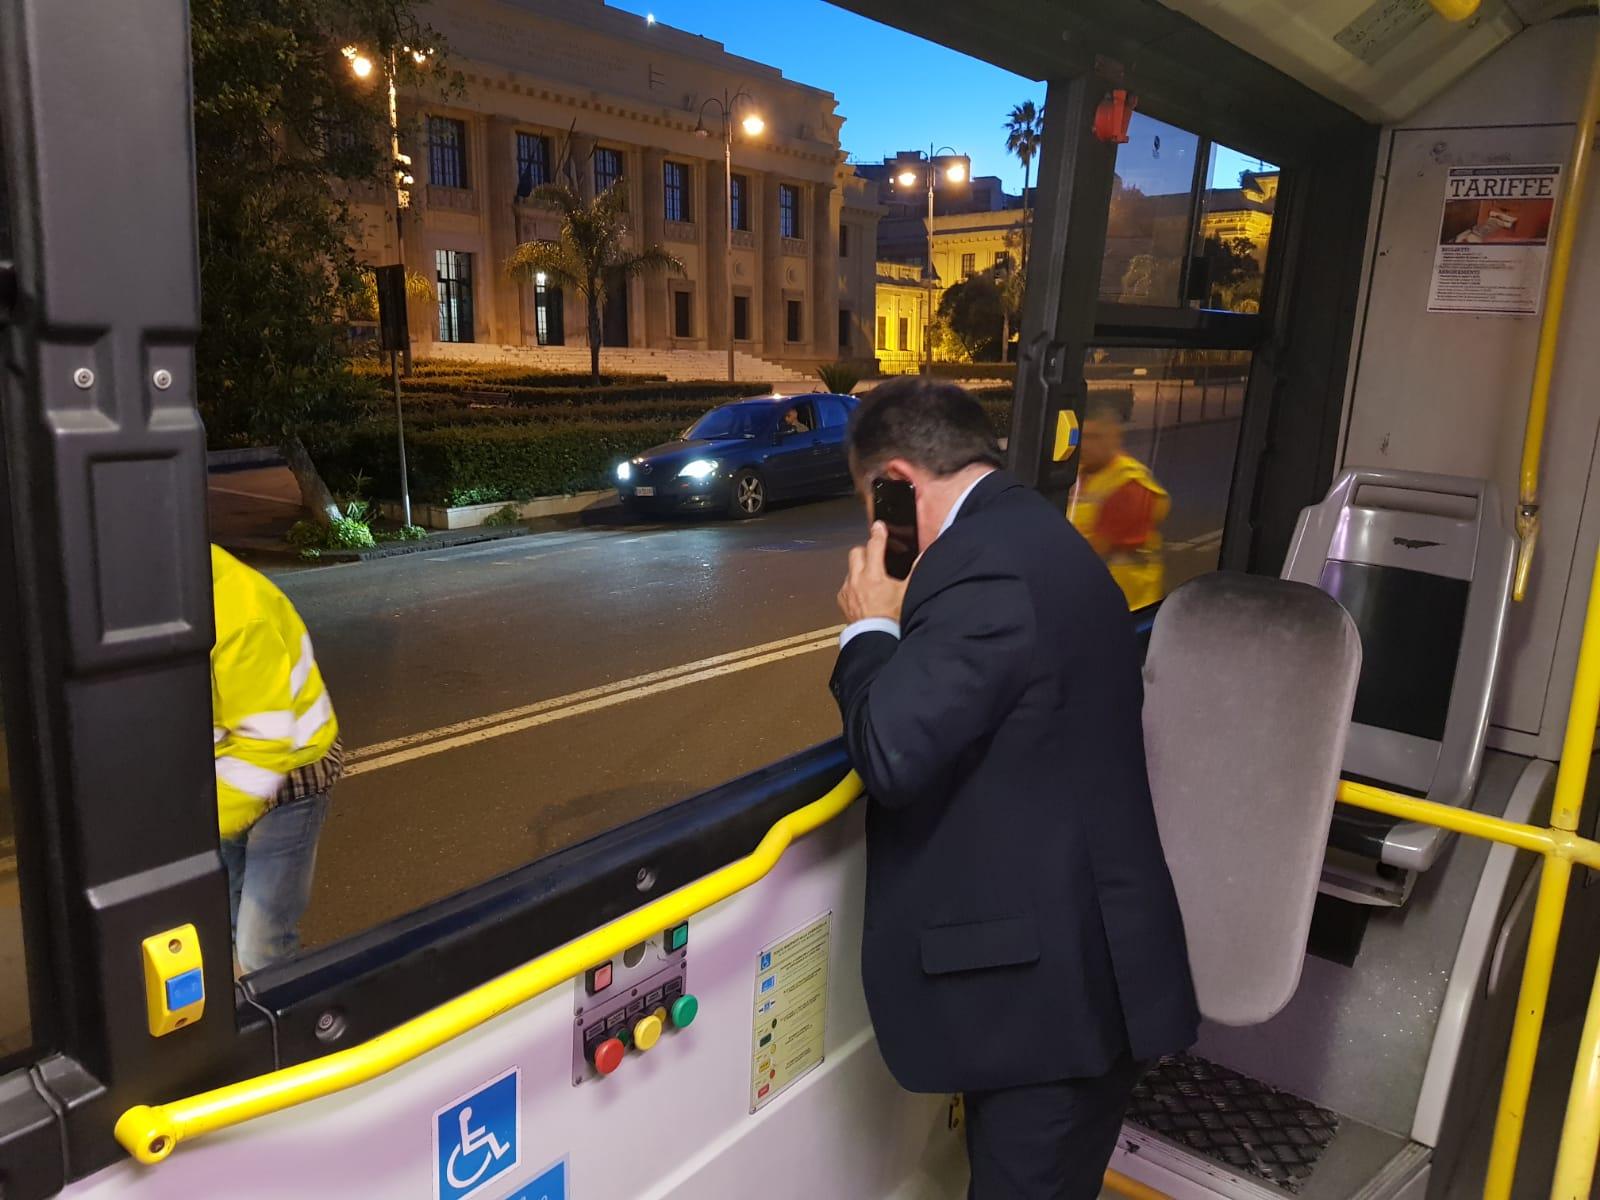 Vandali sul bus: sfondato un vetro del numero 17